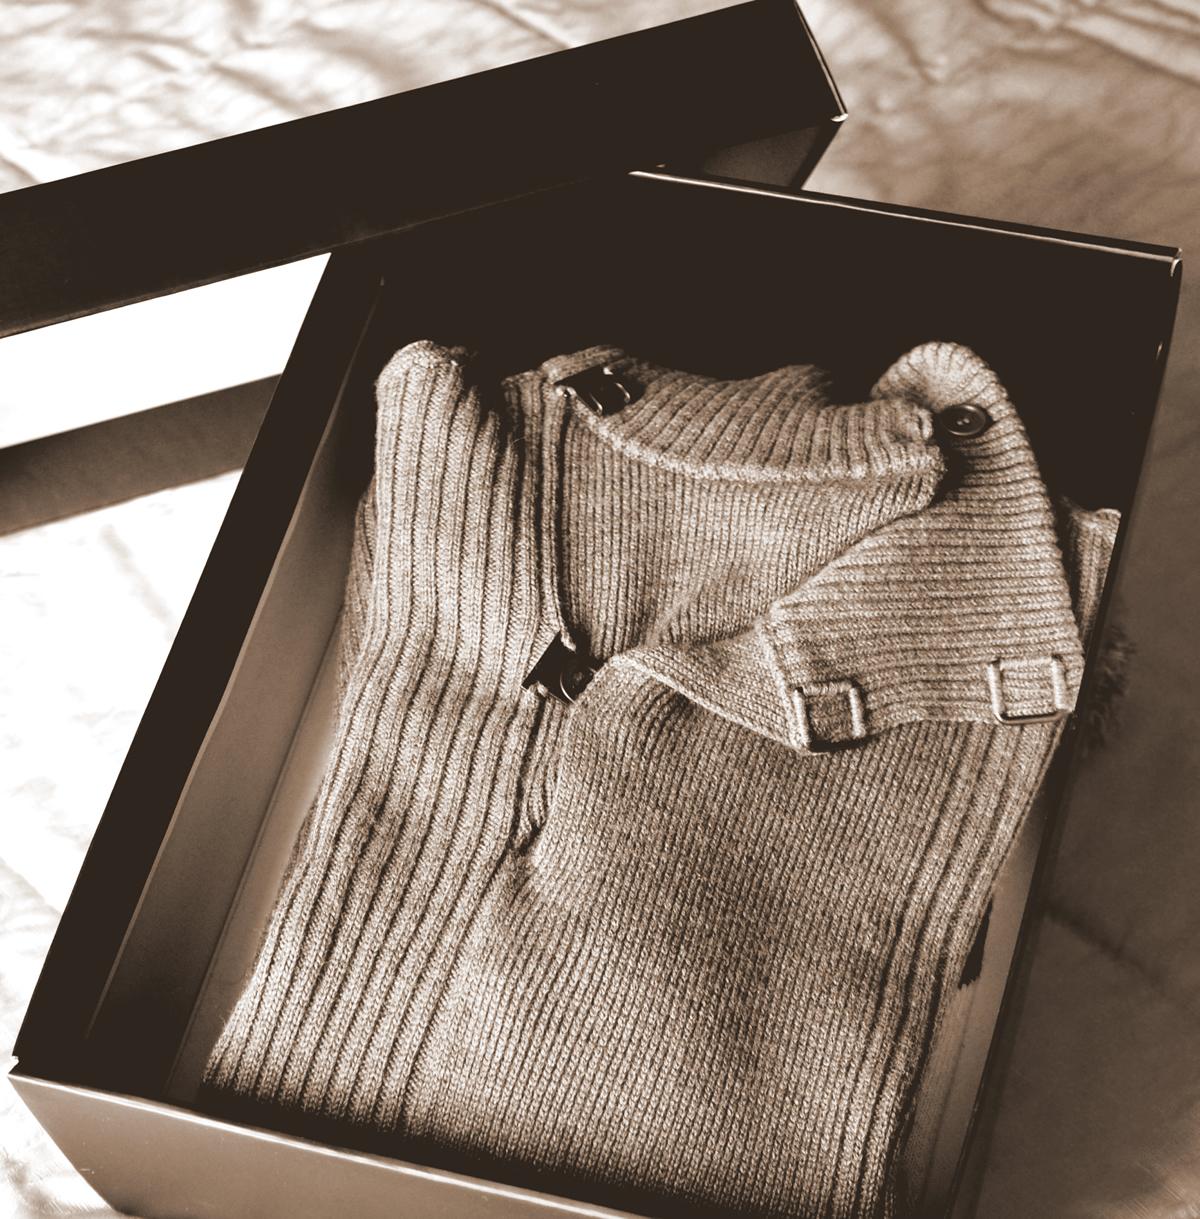 Tolosa Maglione scatola armadio